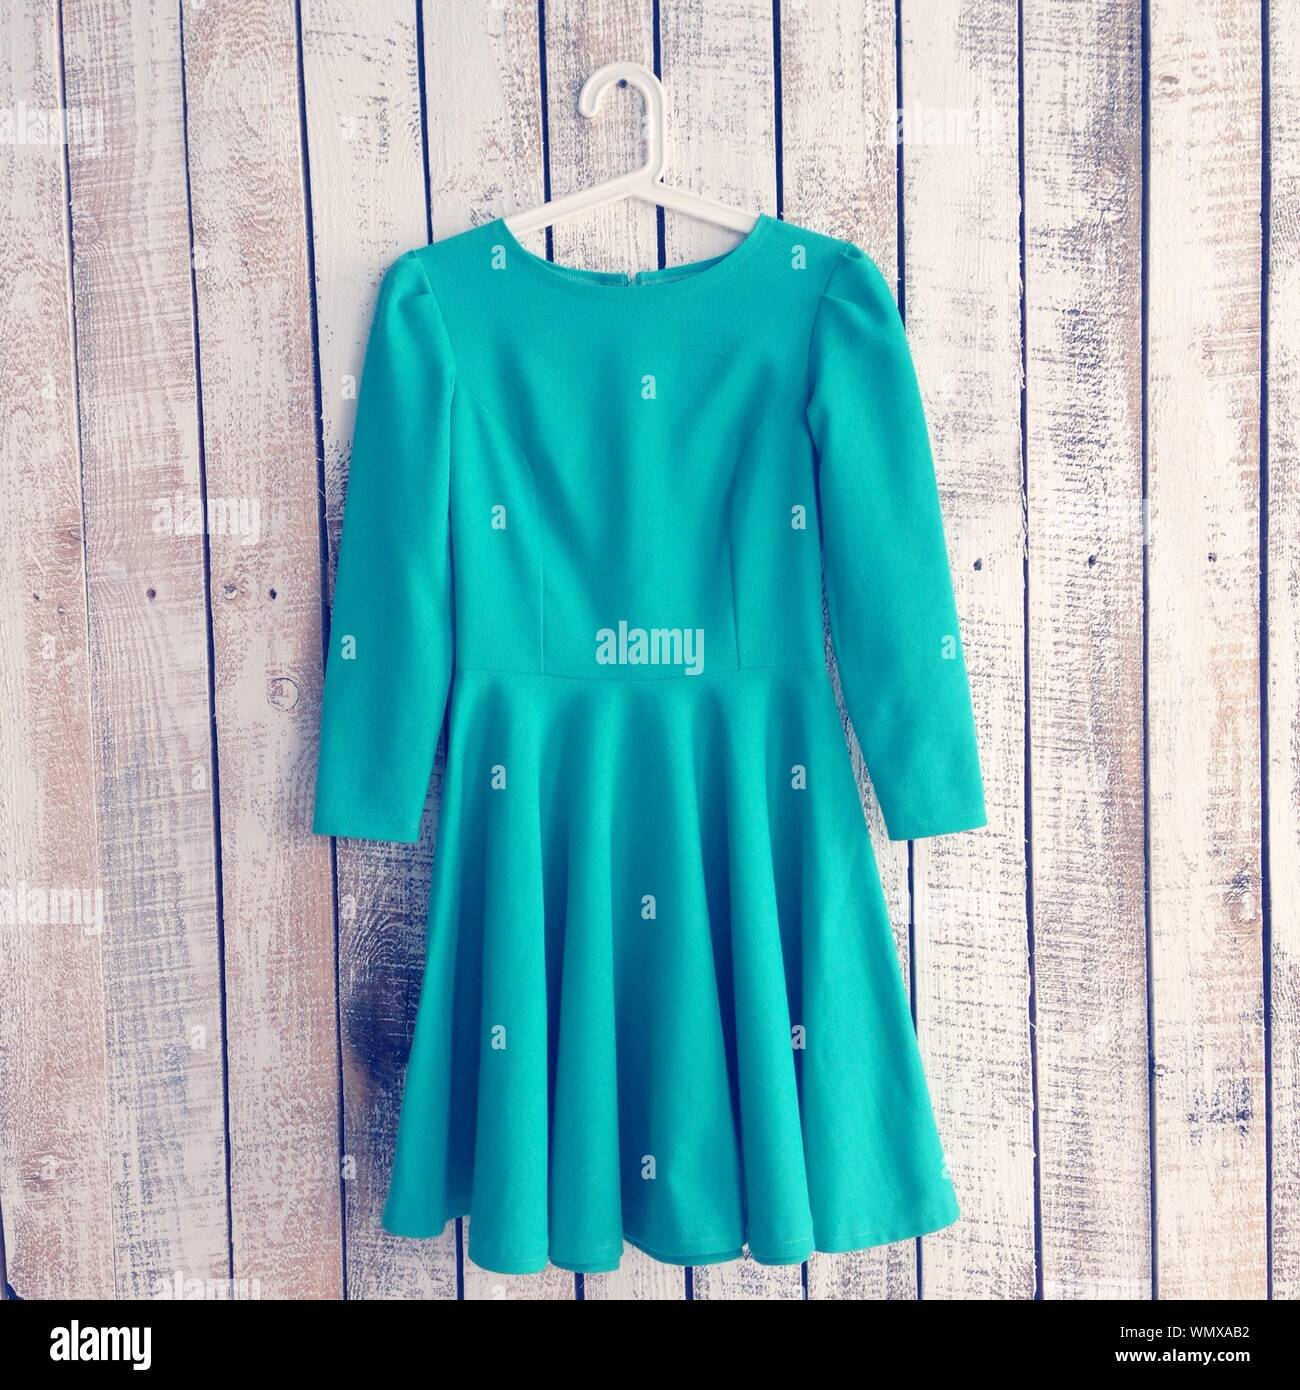 Türkisfarbenes Kleid Stockfotos und -bilder Kaufen - Alamy